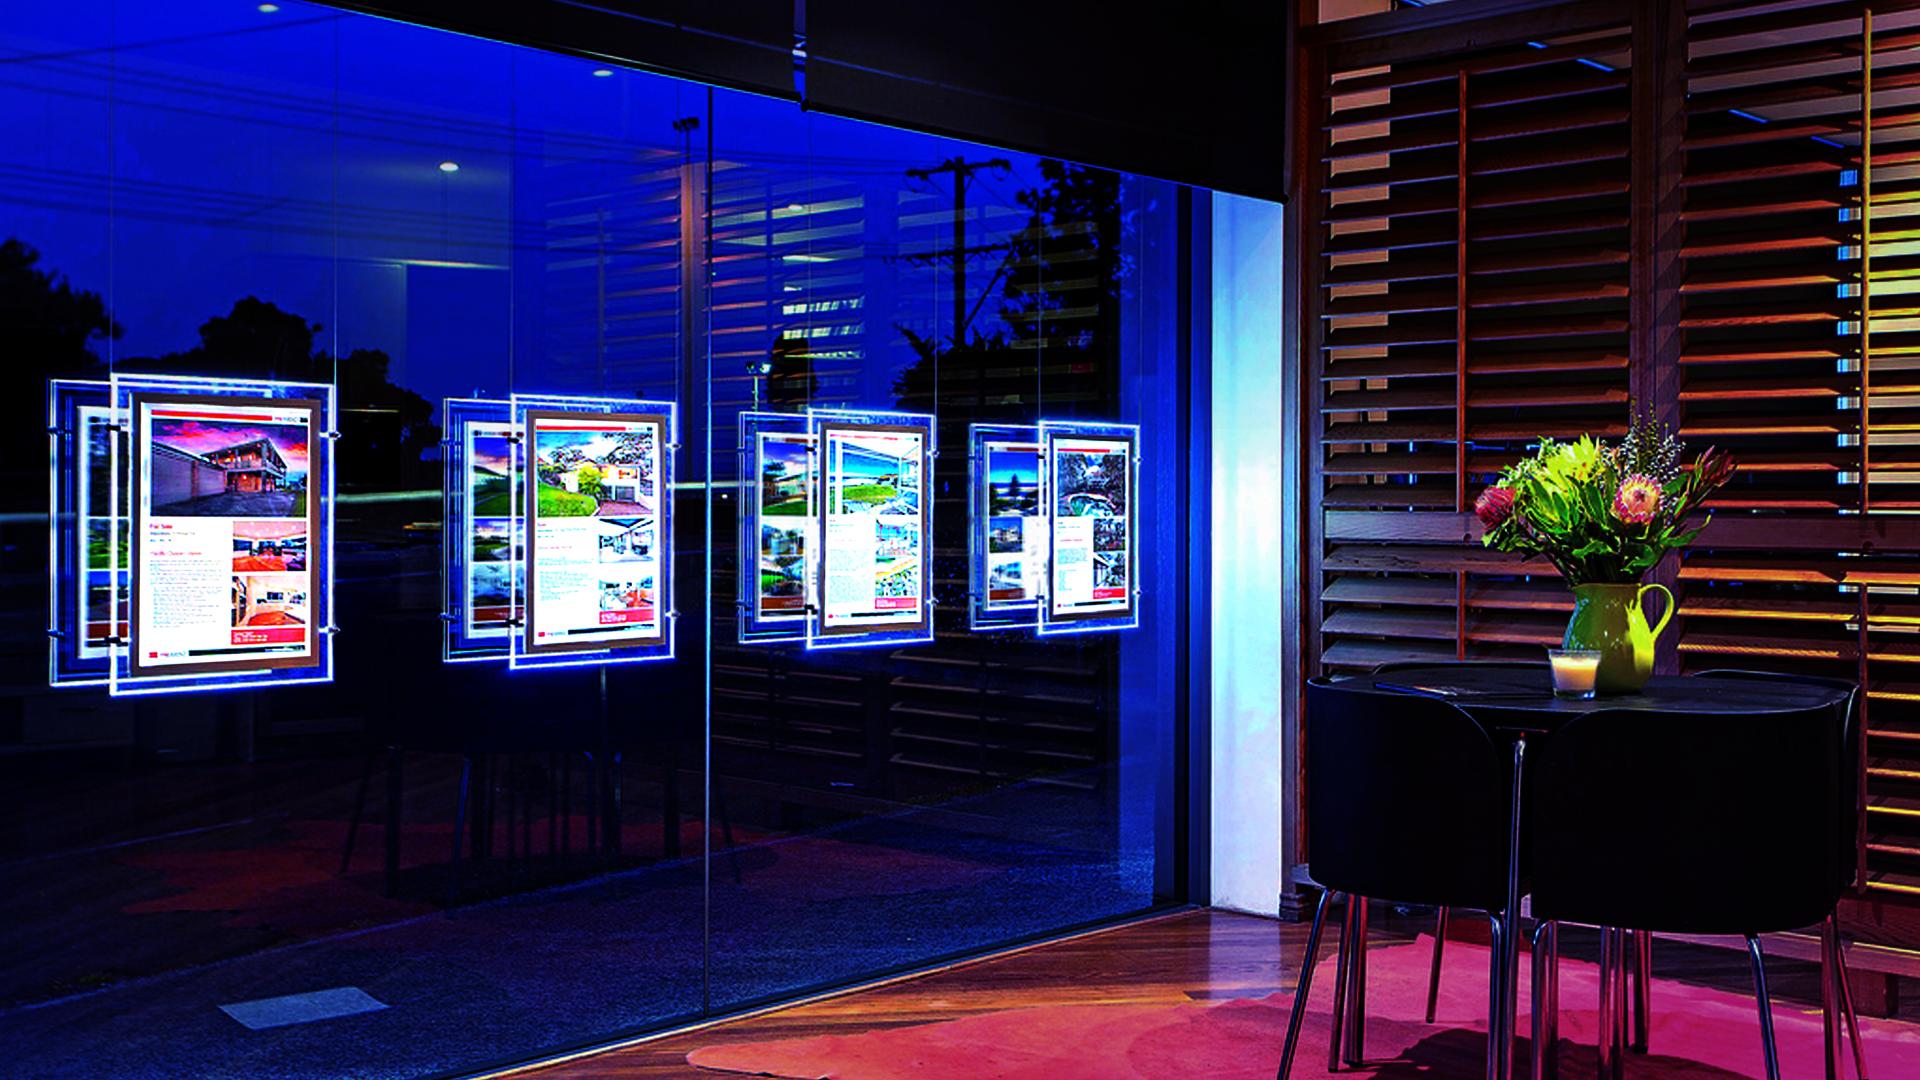 Agences immobili res soignez vos vitrines adapt immo news for Agence de vente